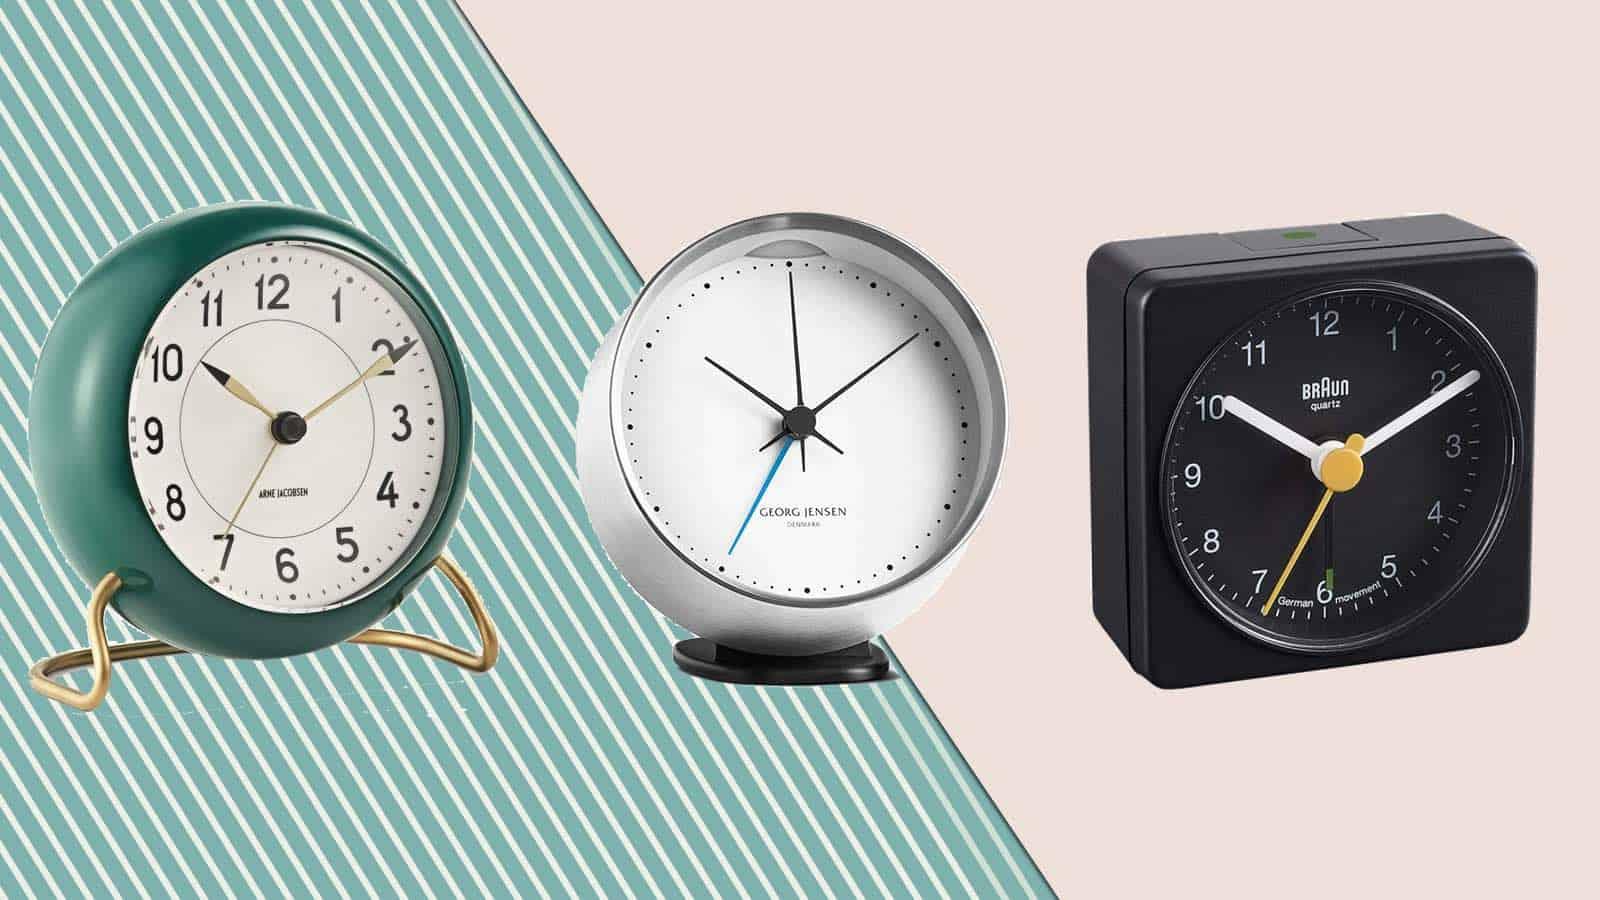 Analog Wecker Vergleich 2019- Die 5 besten analoge Wecker im Vergleich